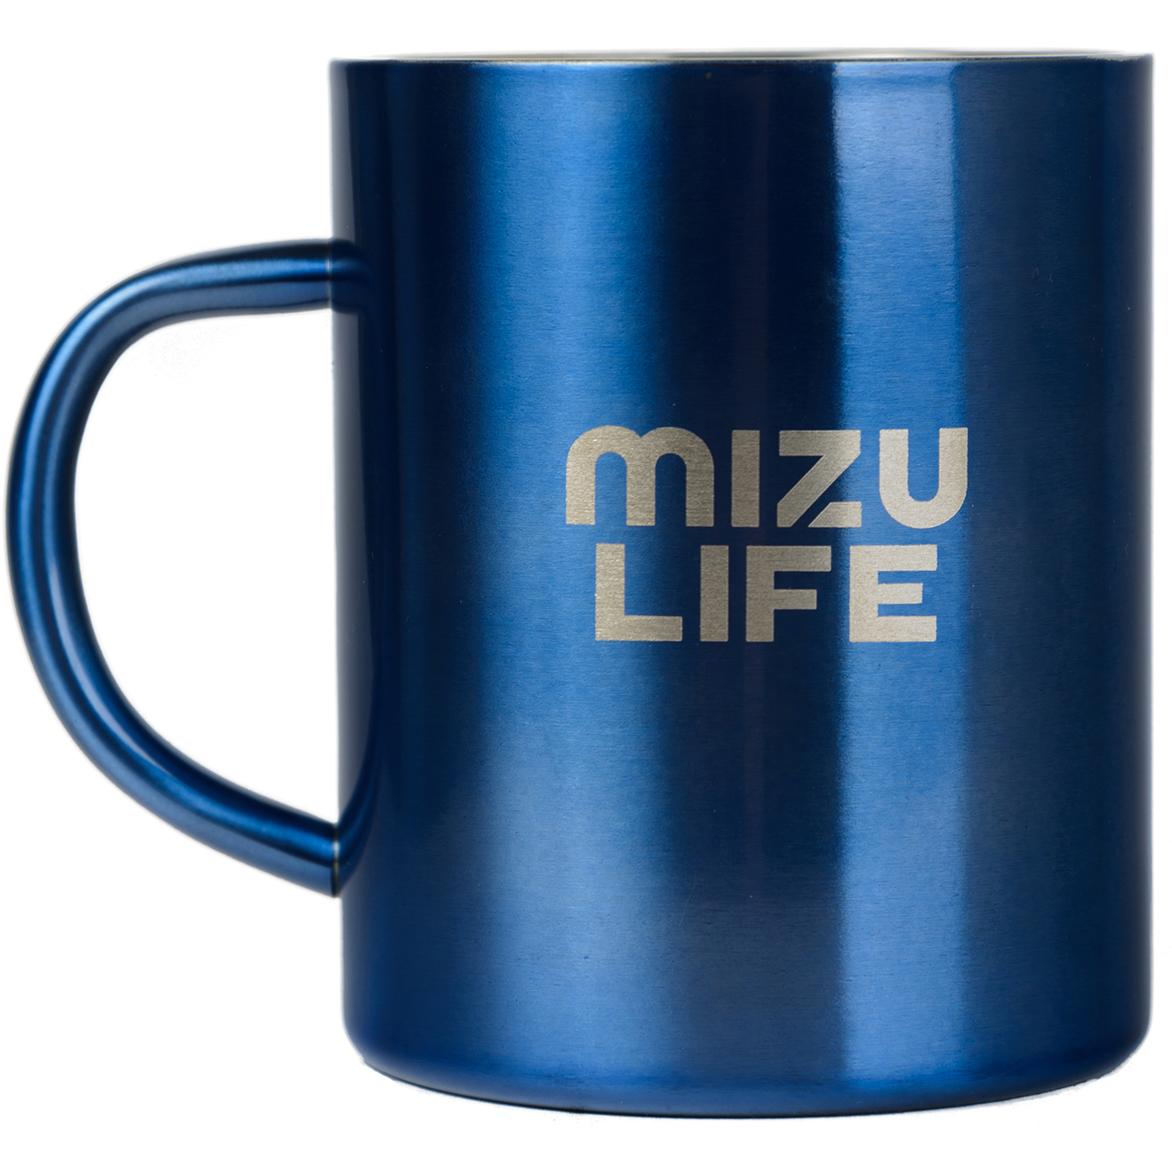 Термокружка Mizu, цвет: голубой, 420 млW01AMZACCQUAКружка из пищевой нержавеющей стали с фирменным логотипом MIZU Объем: 420 мл. Диаметр: 8, 5 см.